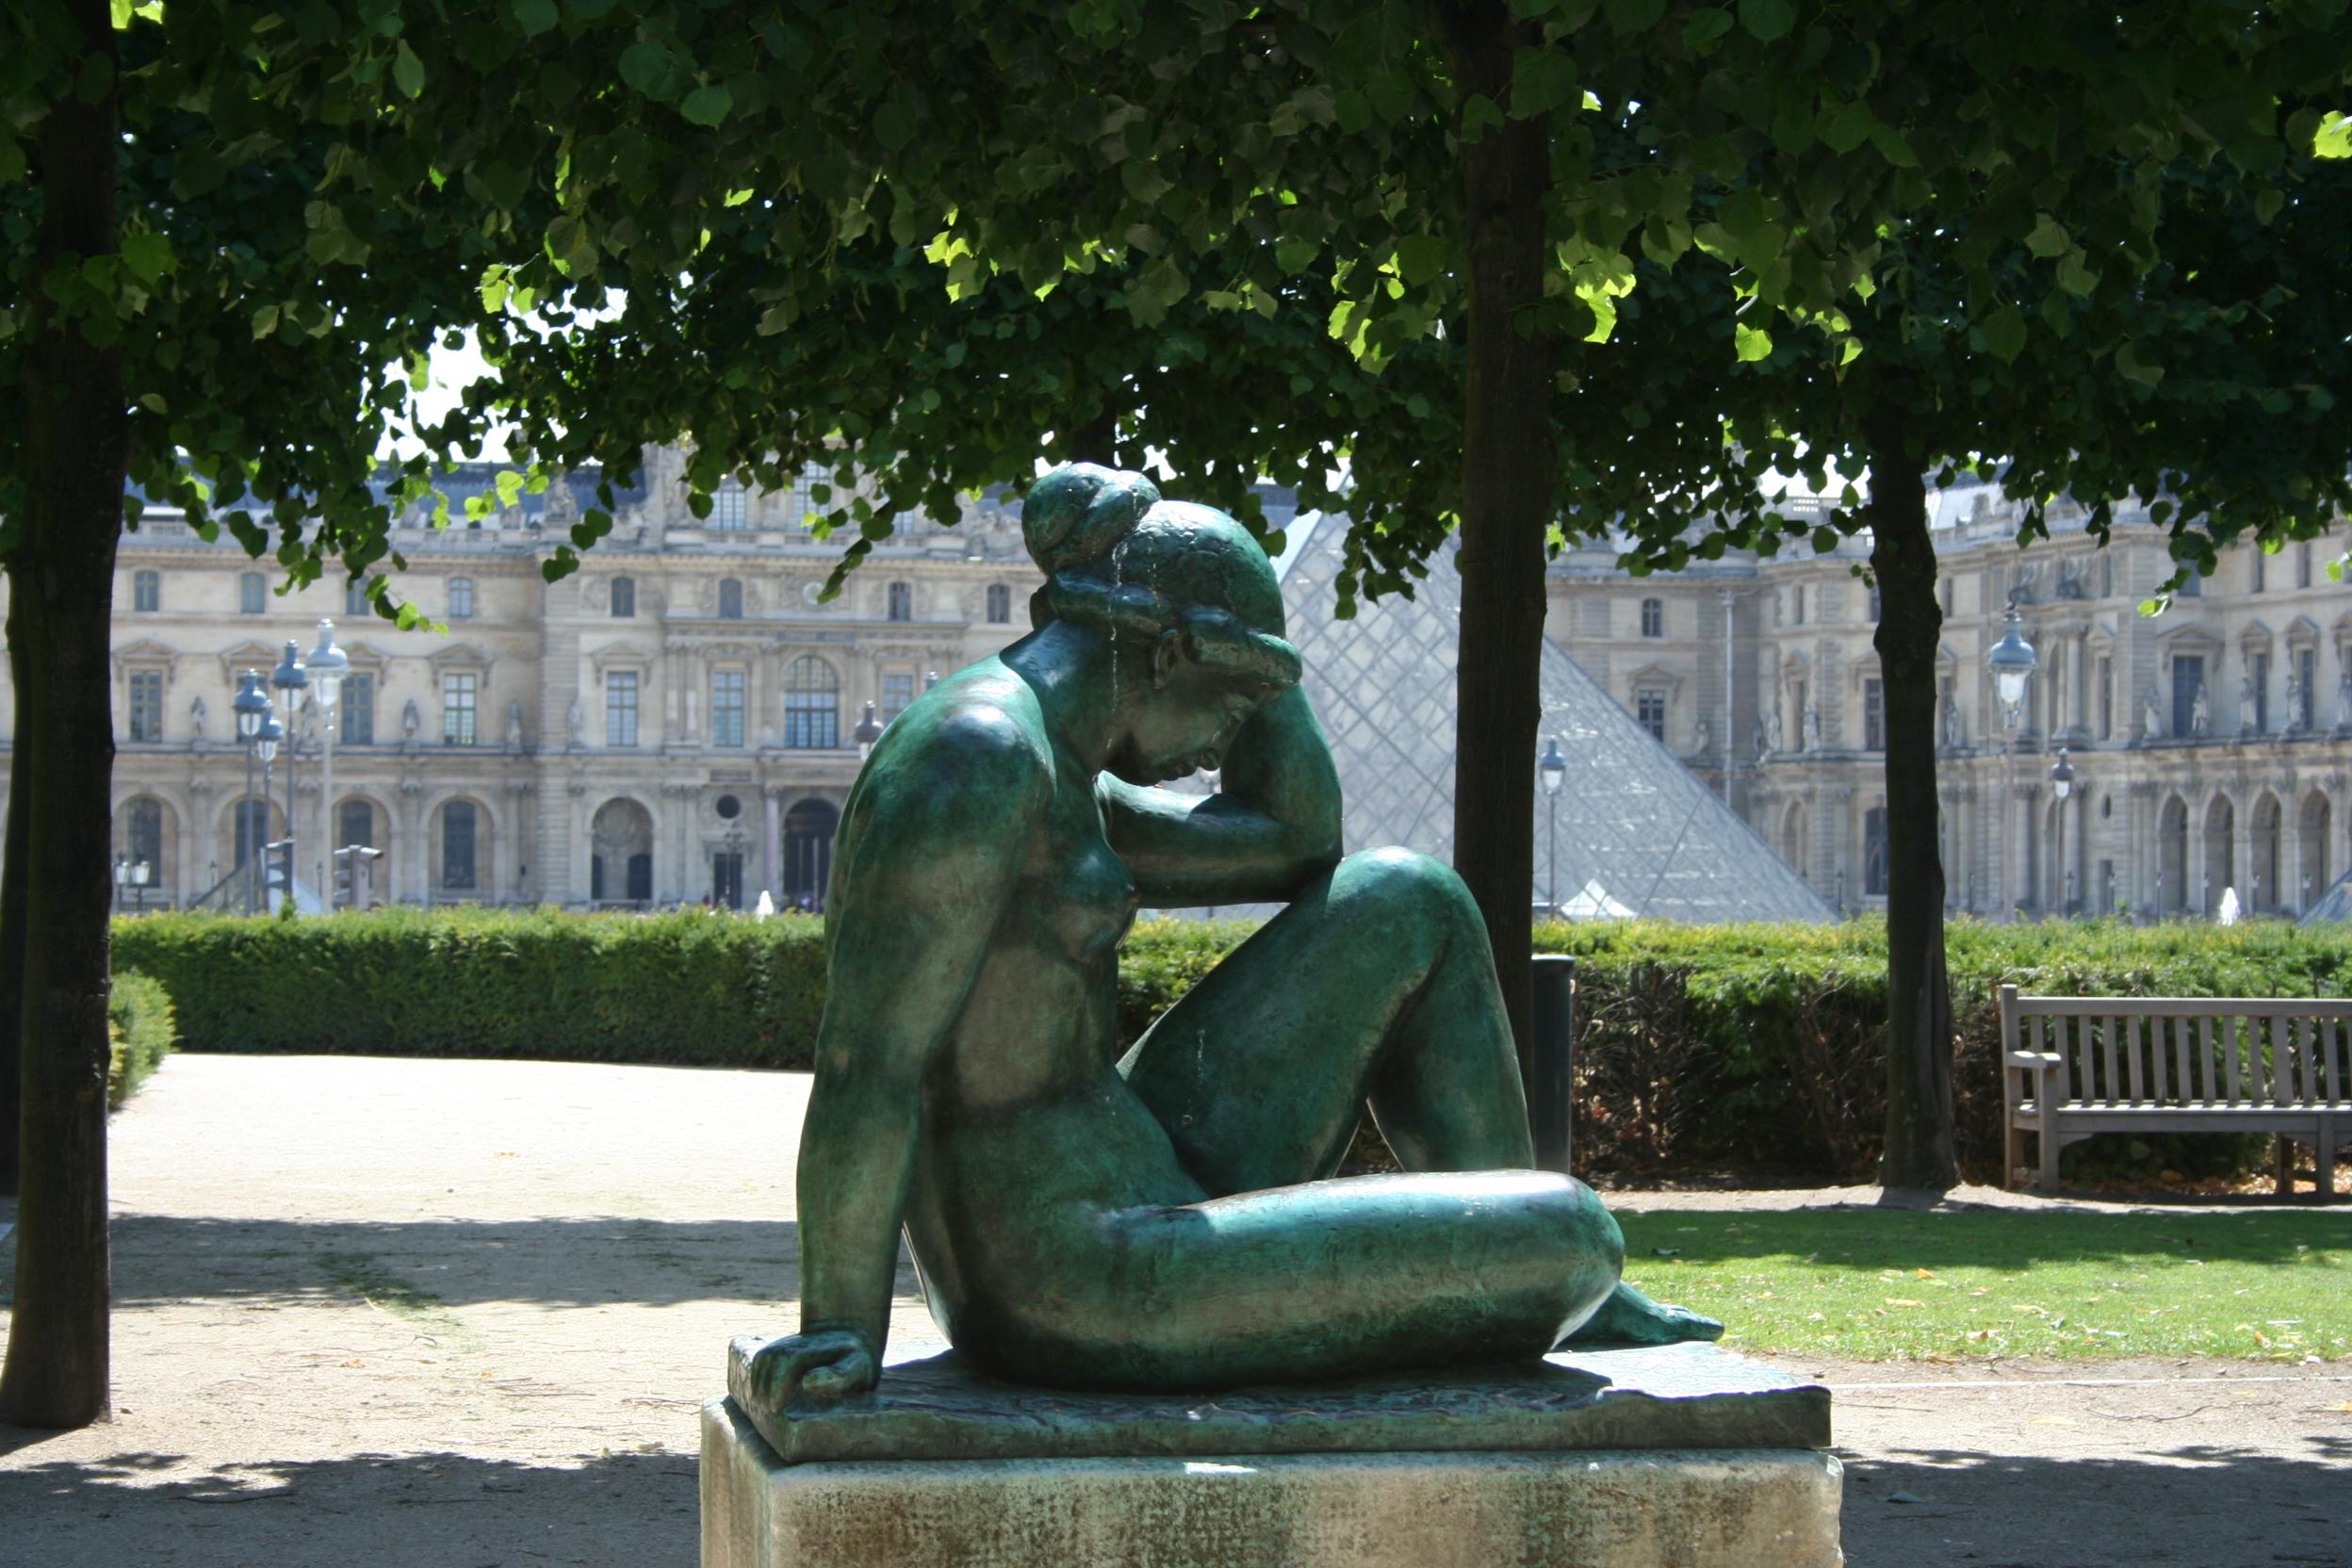 Gardens Emile Manefeldt